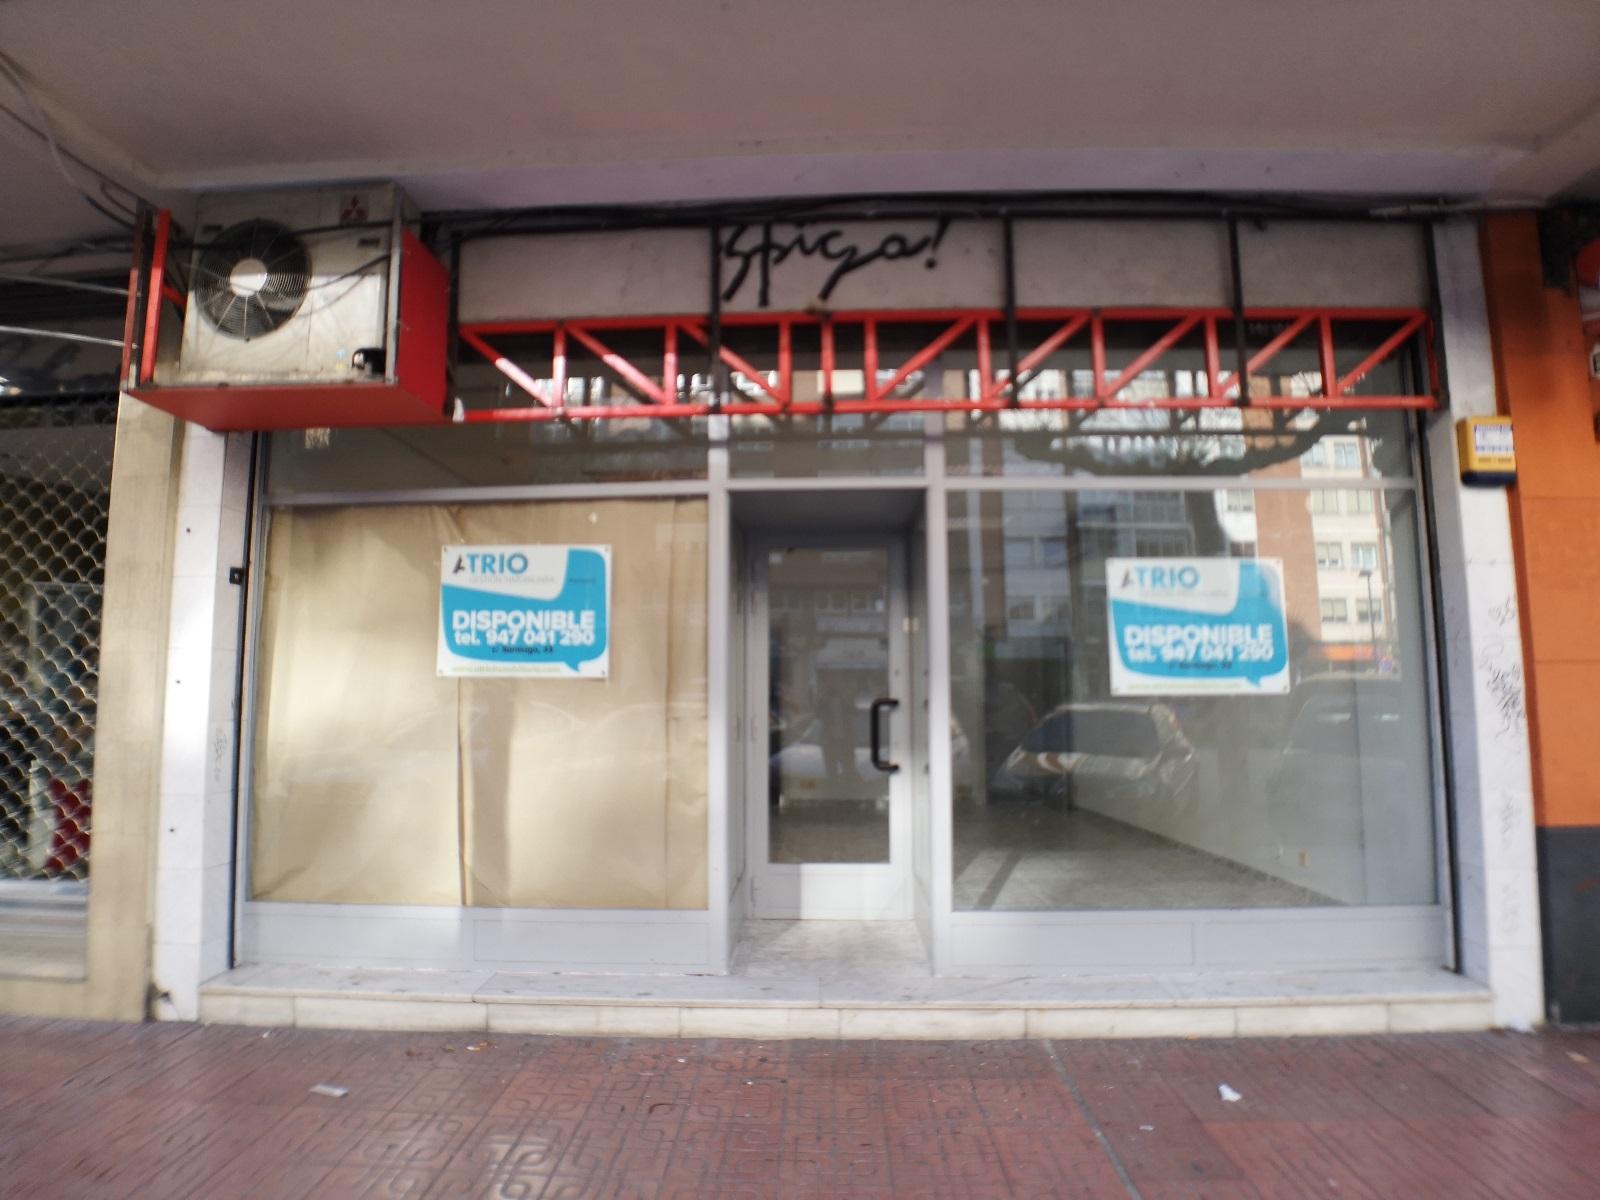 -eu-west-1.amazonaws.com/mobilia/Portals/inmoatrio/Images/6701/4310984